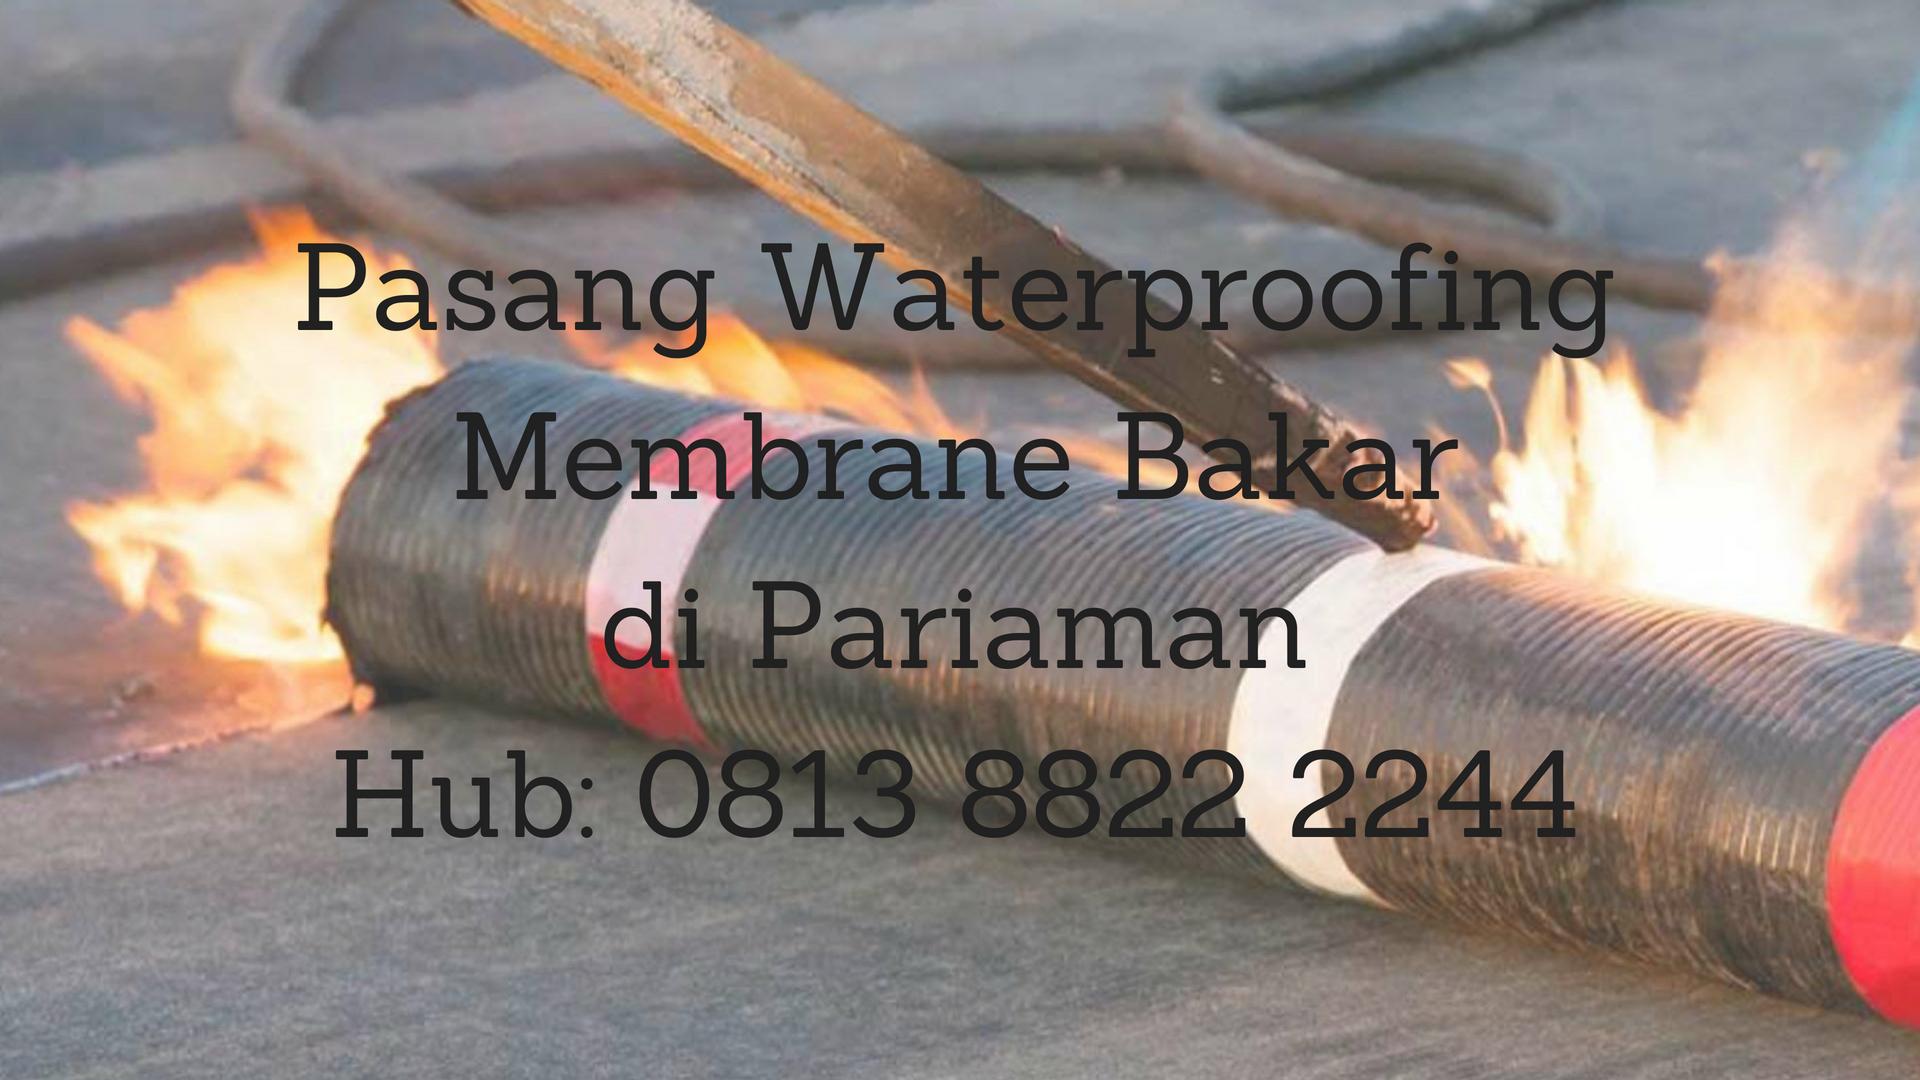 JASA PASANG WATERPROFING MEMBRANE BAKAR DI PARIAMAN. HUB: 0813 8822 2244